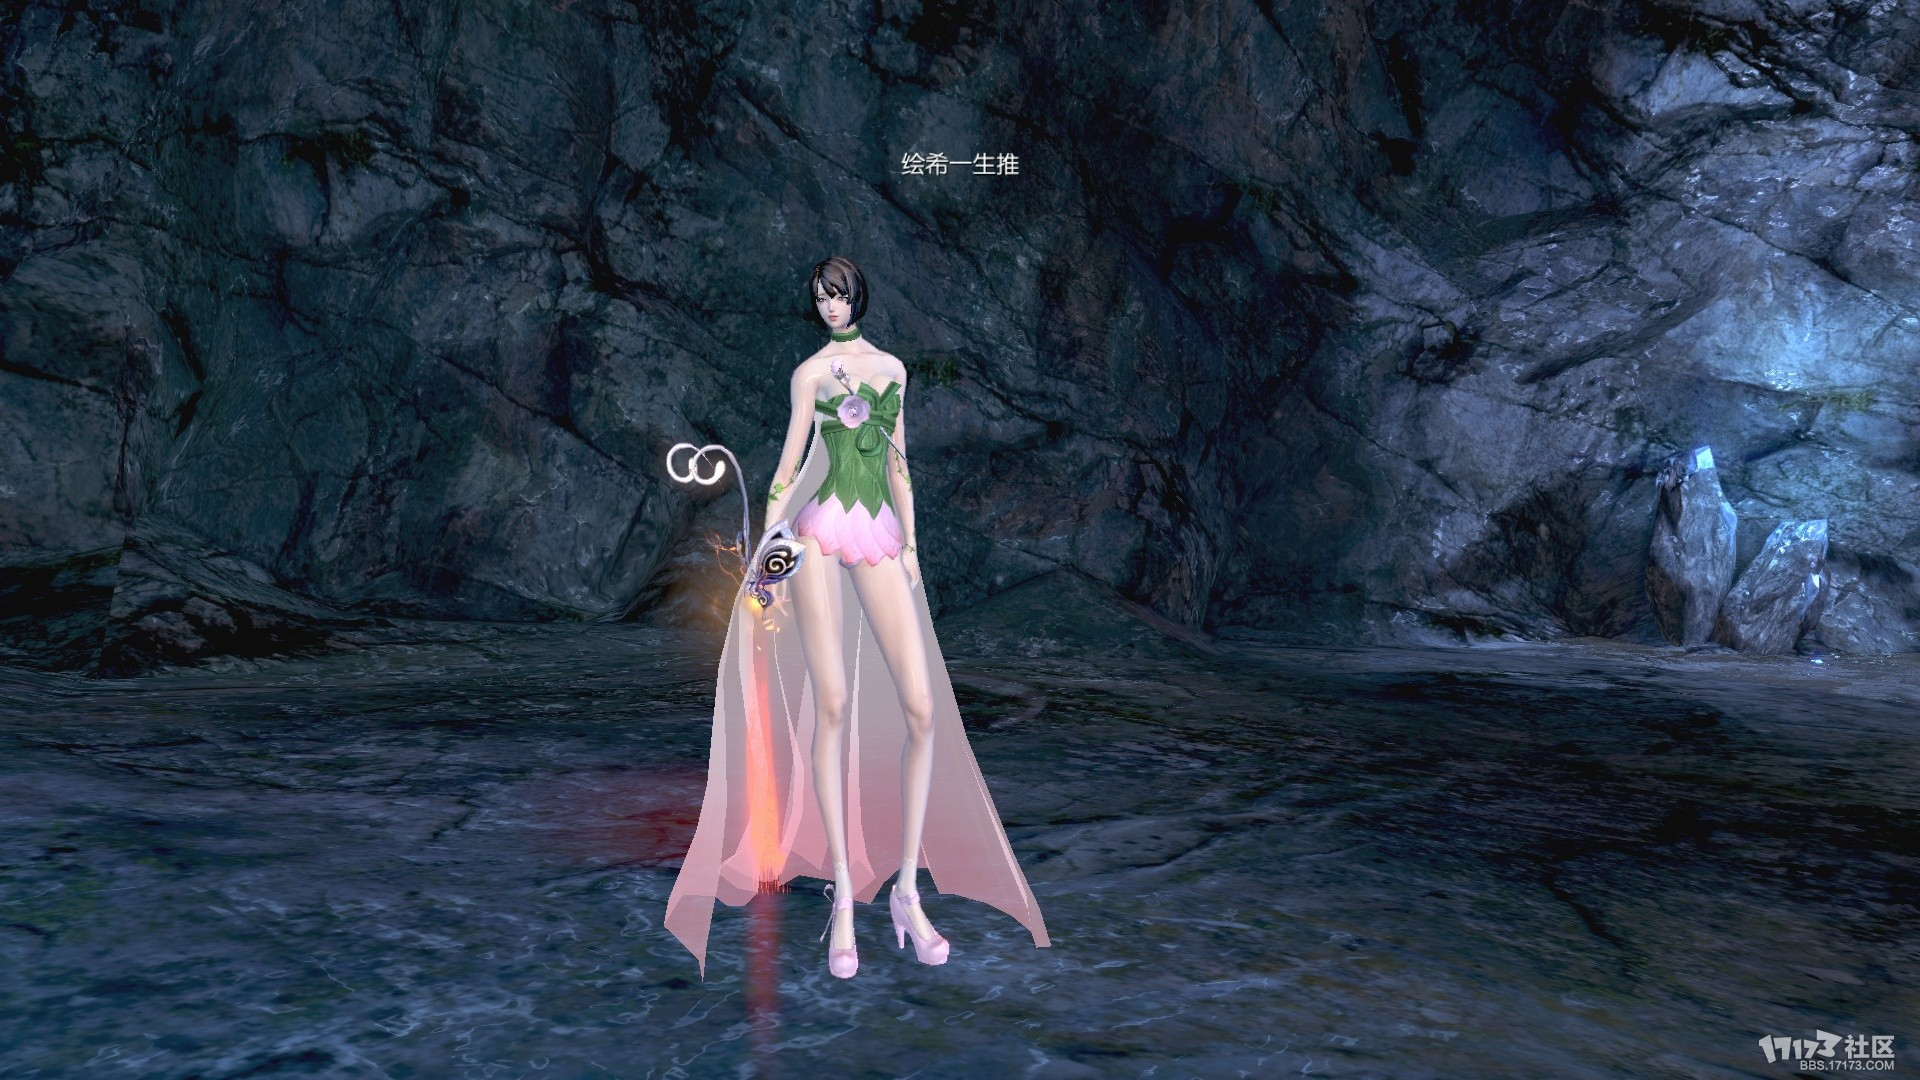 【天女】森林精灵之花仙子(天女版)